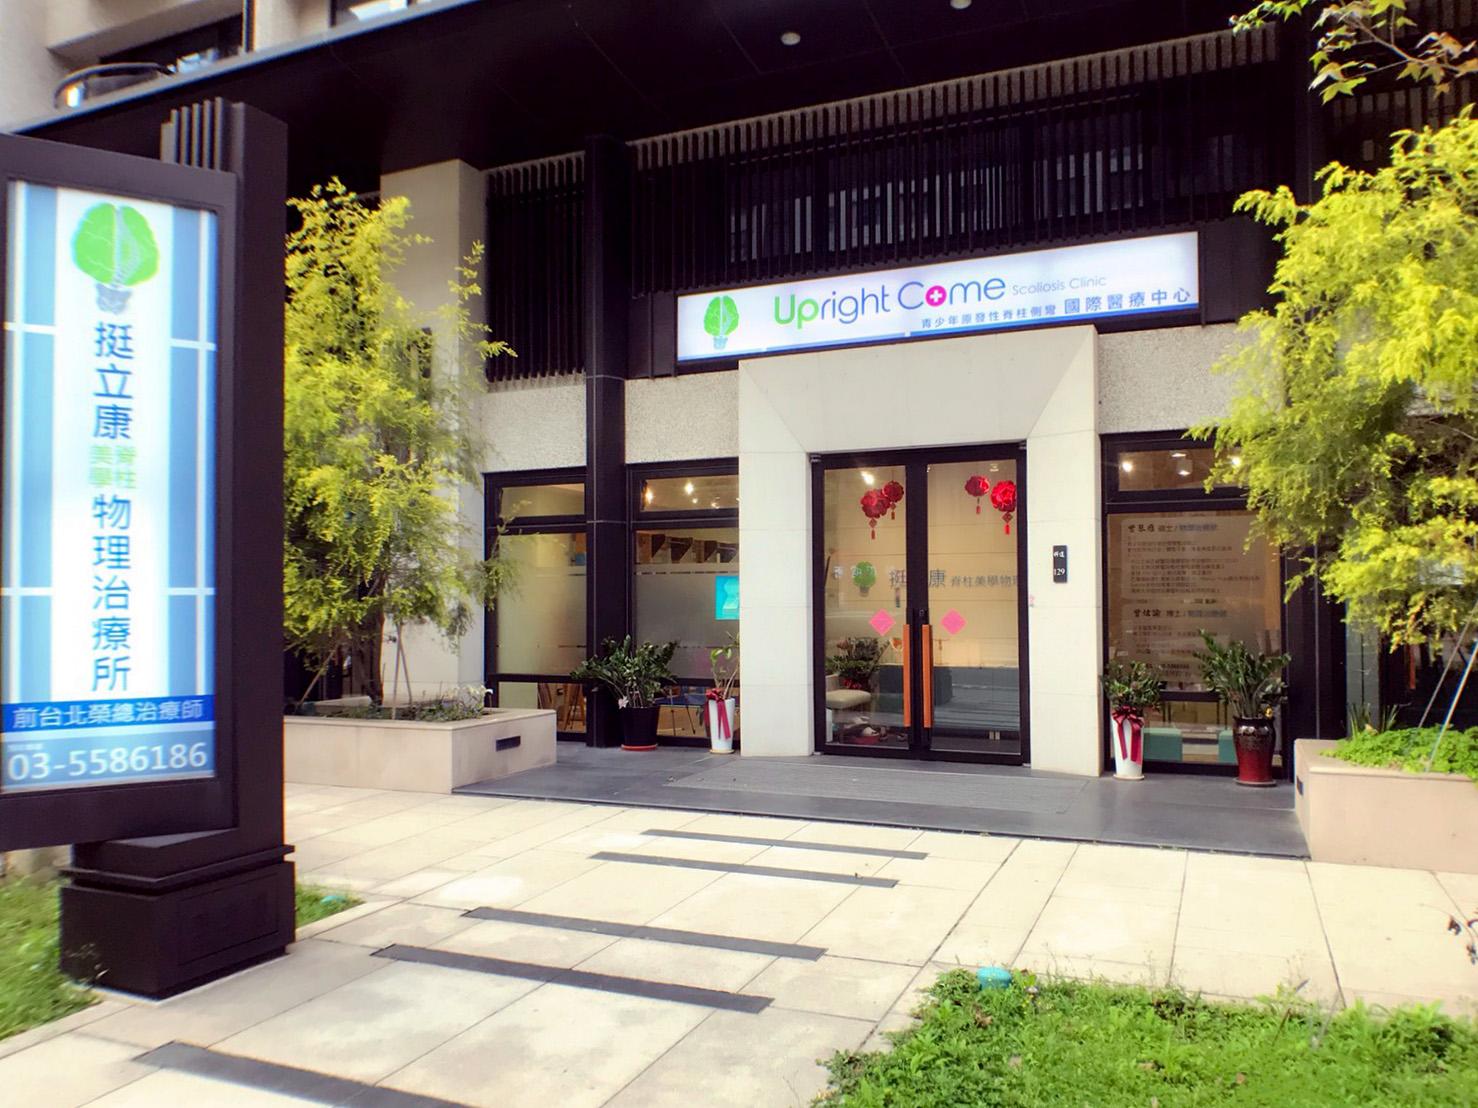 挺立康脊柱美學物理治療所 UprightCome Scoliosis Clinic (新竹縣竹北市)